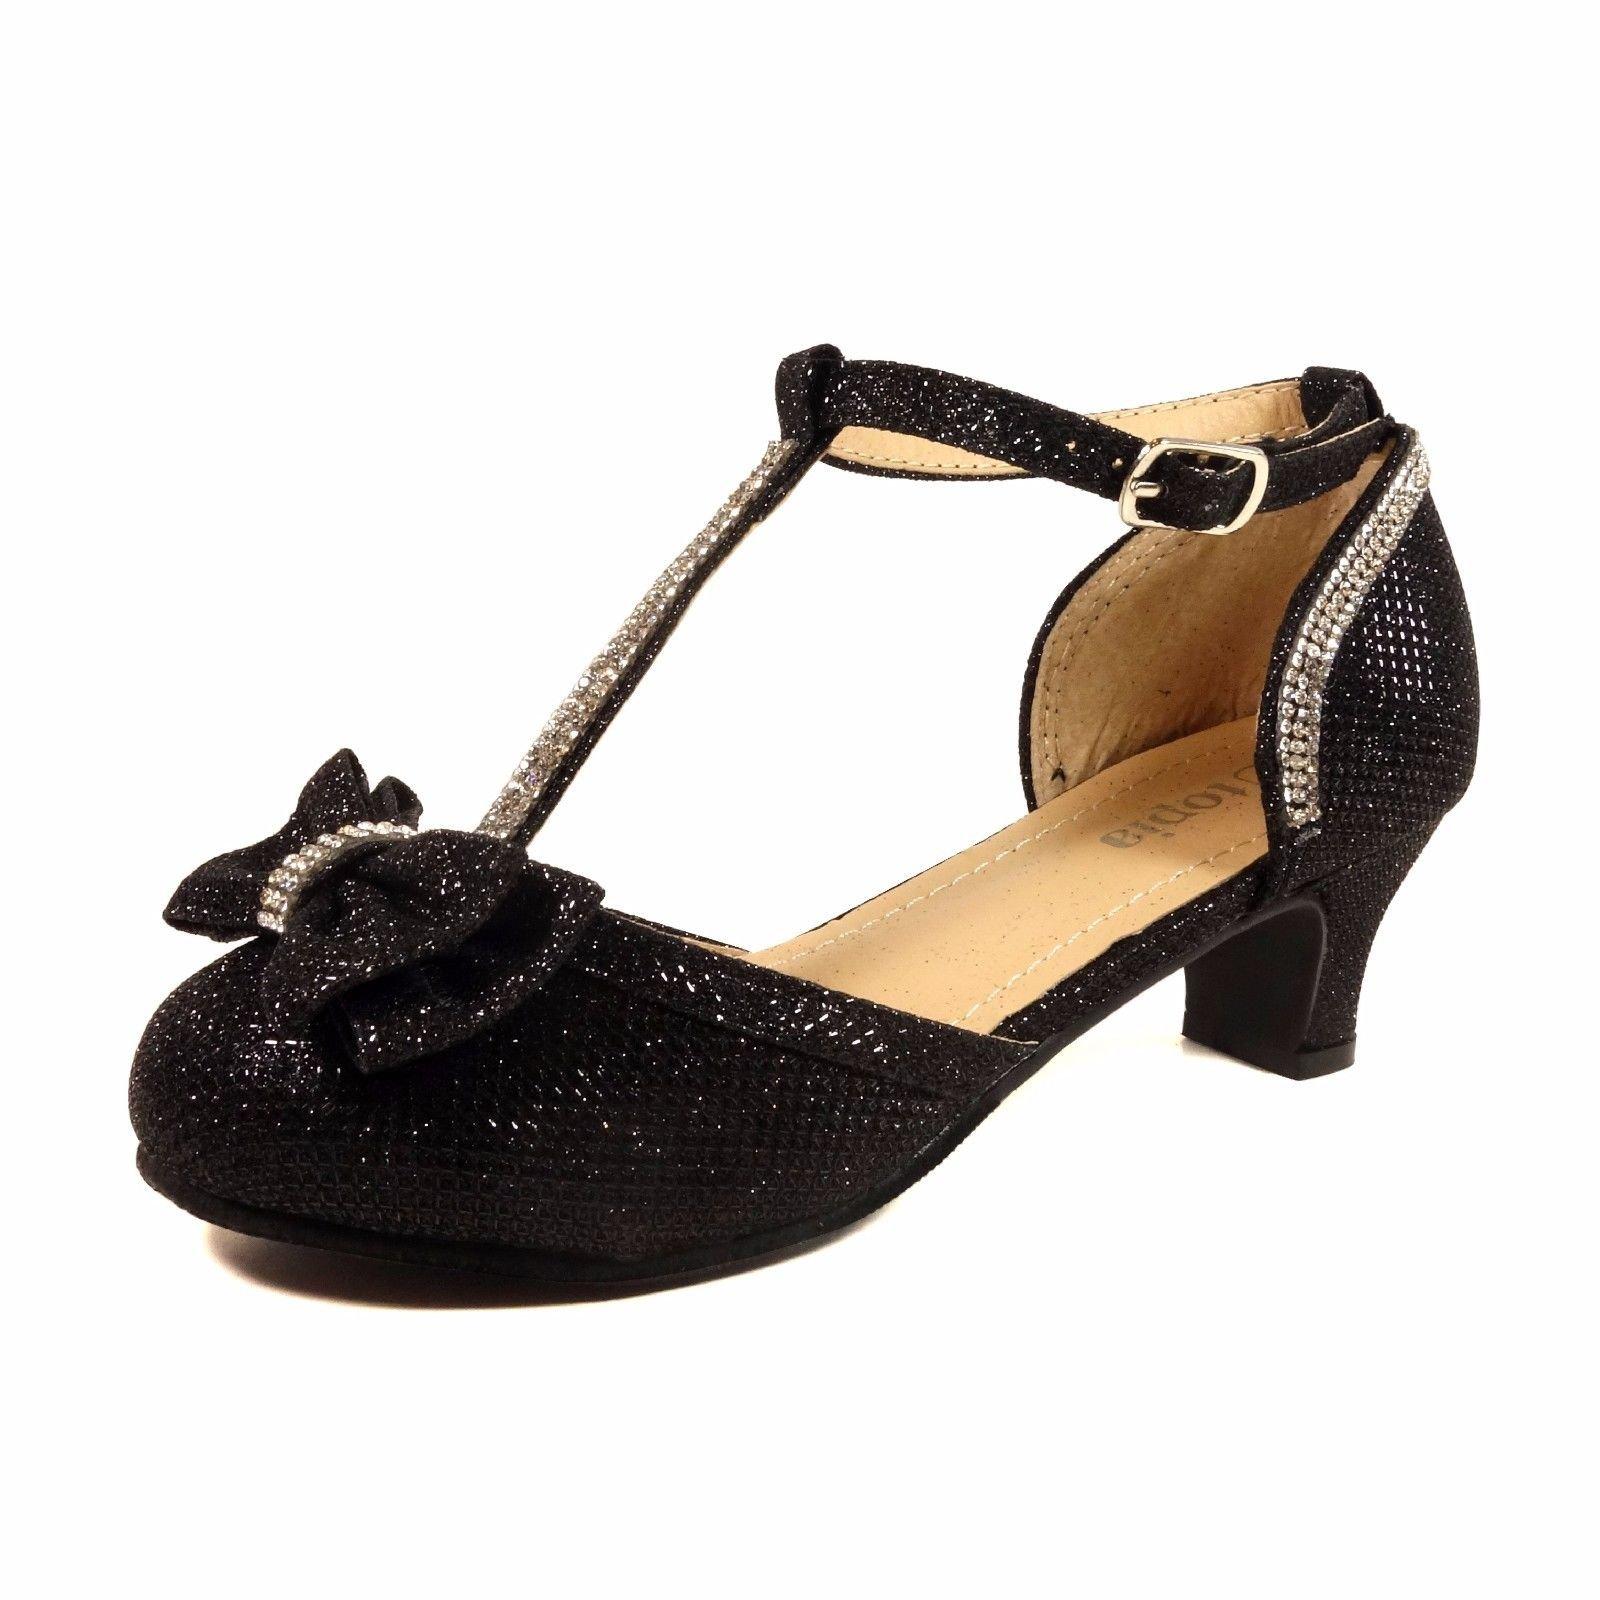 02a608035b5d11 Get Quotations · Nova Utopia Toddler Little Girls Low Medium Heel Dress Sandal  Flower Girl Shoes (Size 9